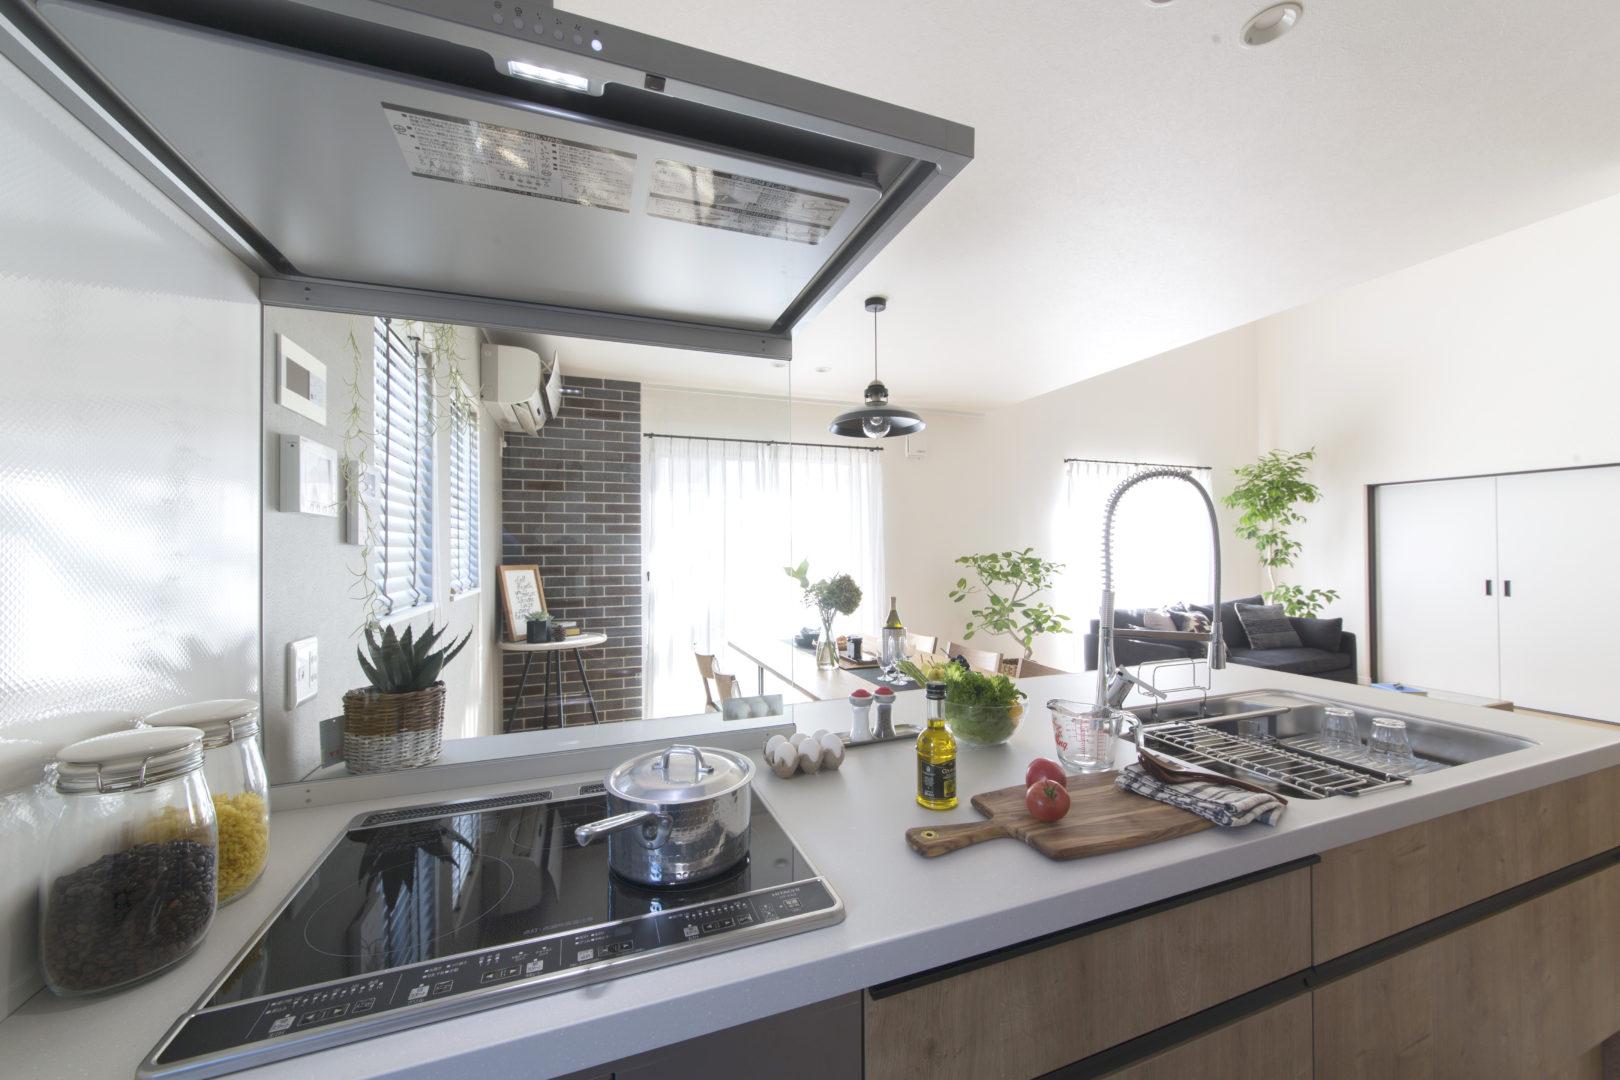 住宅設備を選ぶのも家づくりの楽しみの一つ